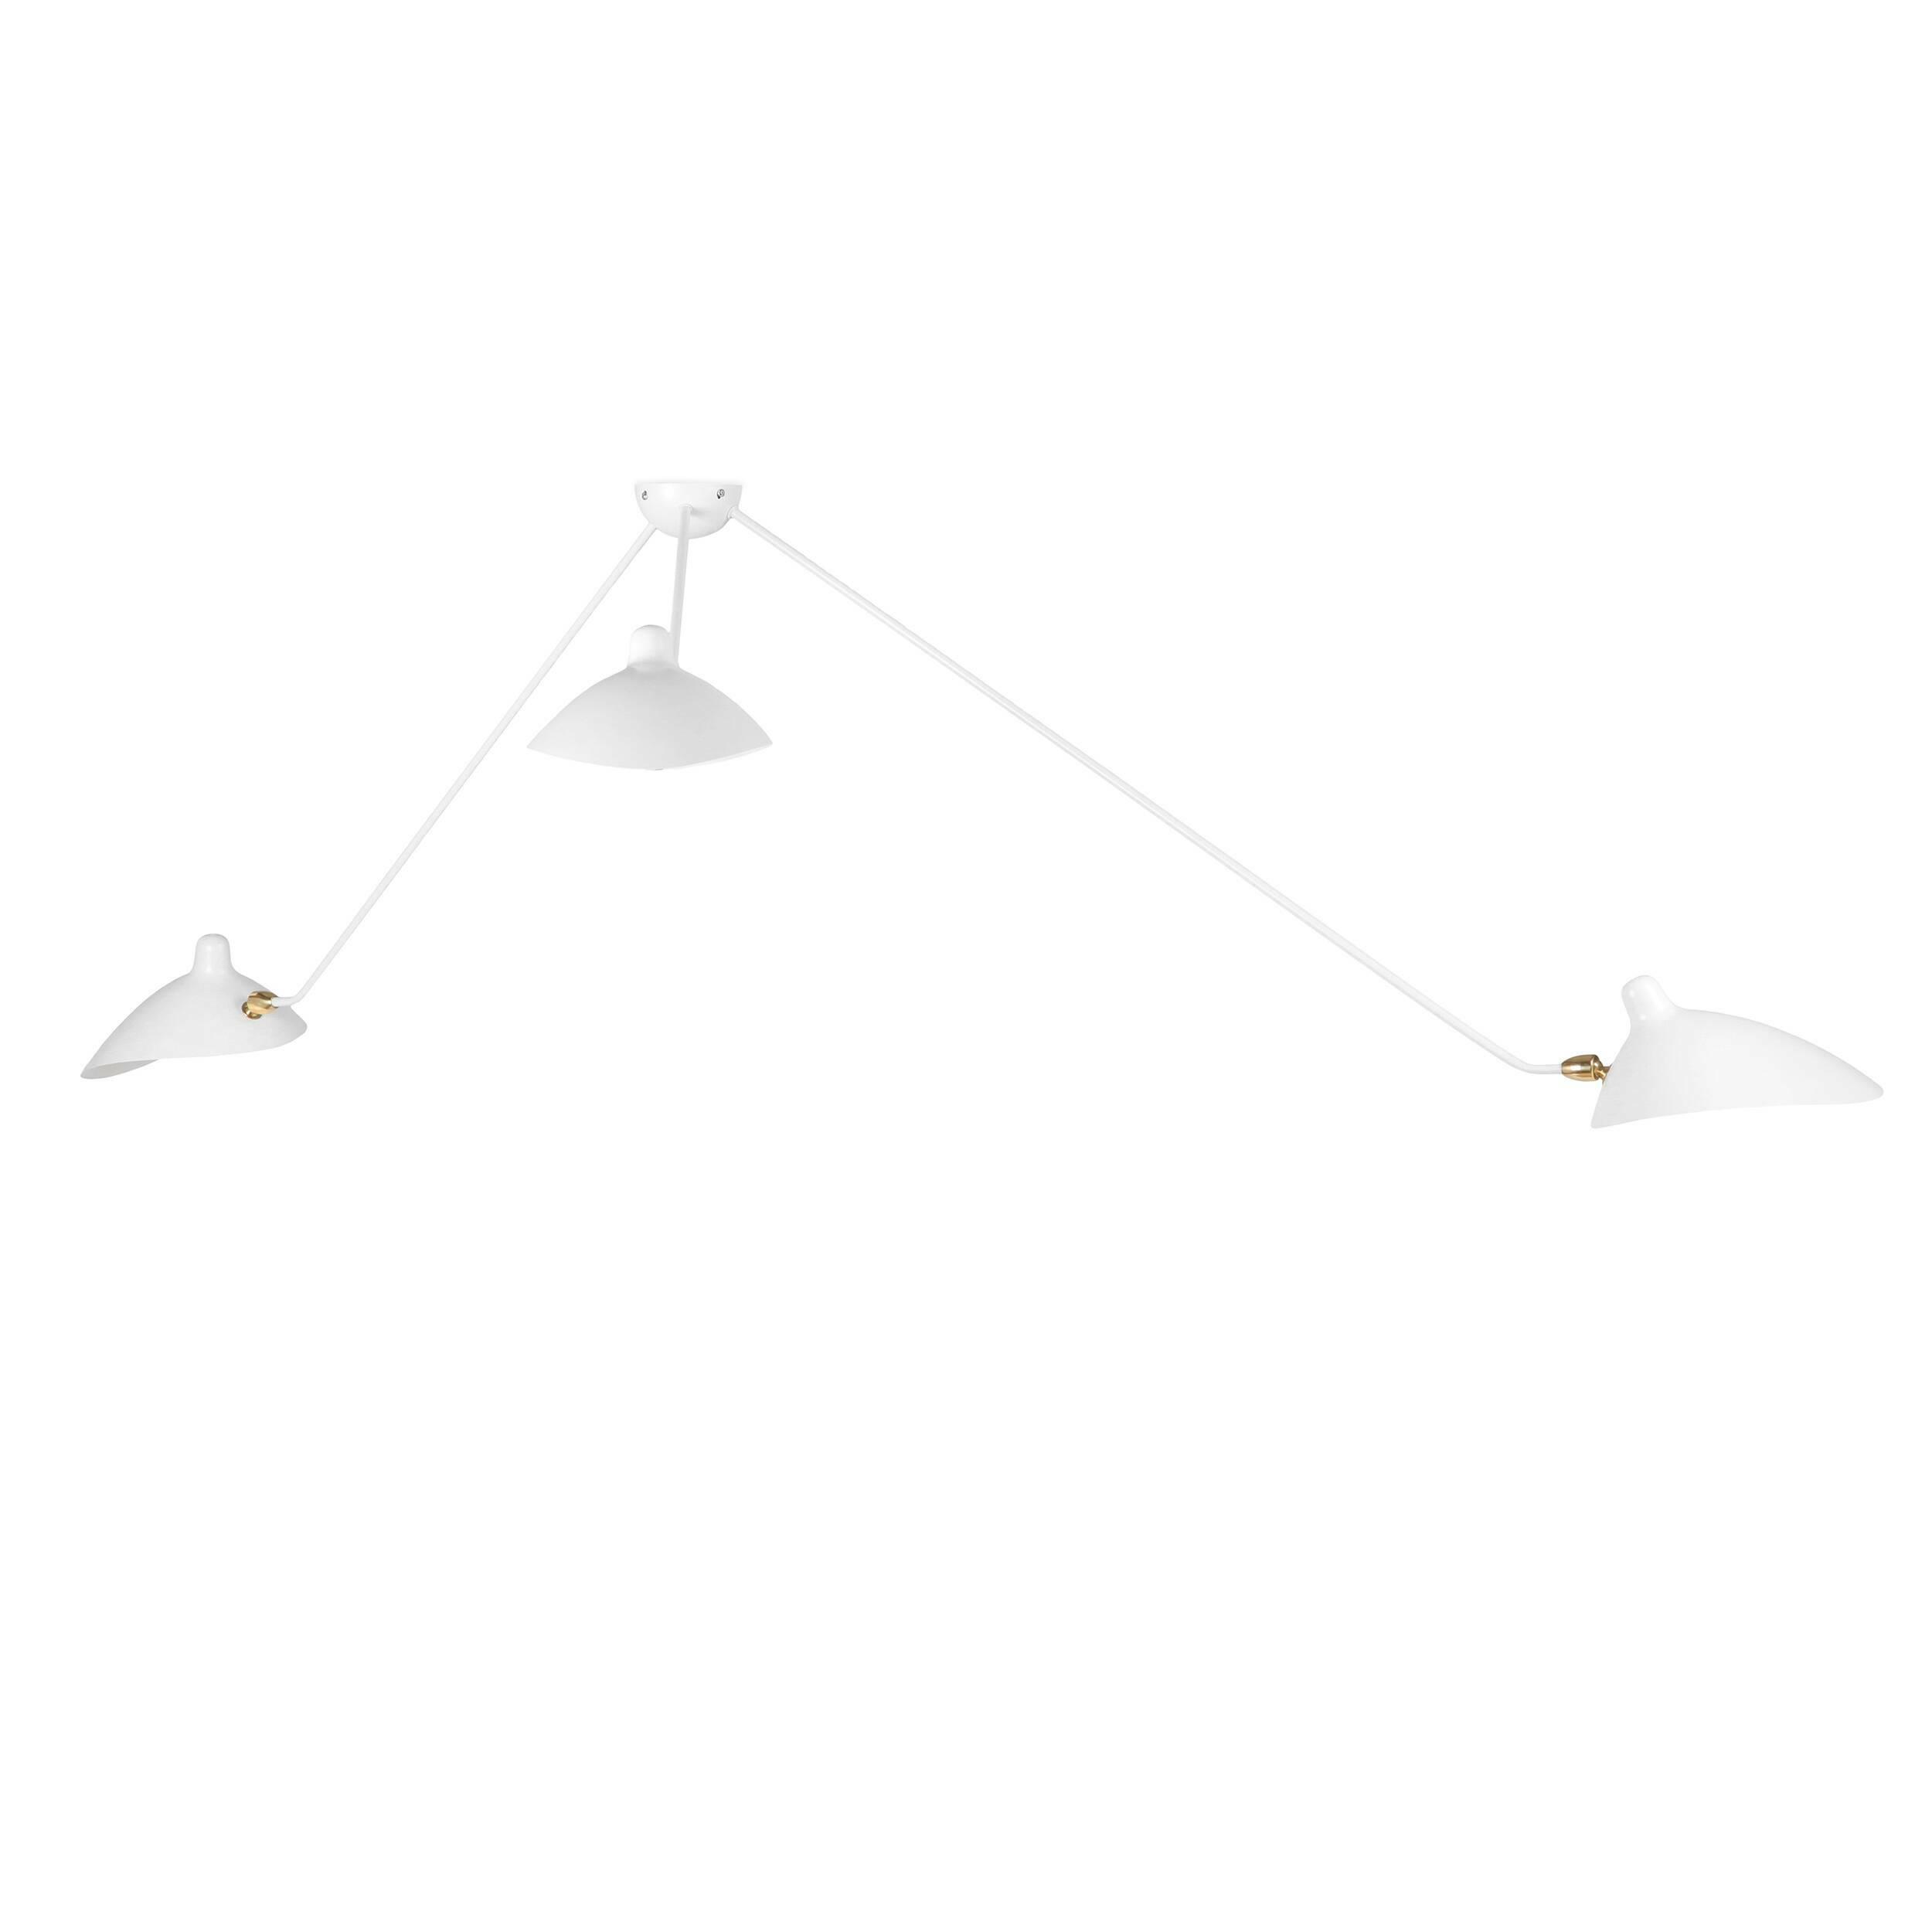 Светильник потолочный Cosmo 15581062 от Cosmorelax